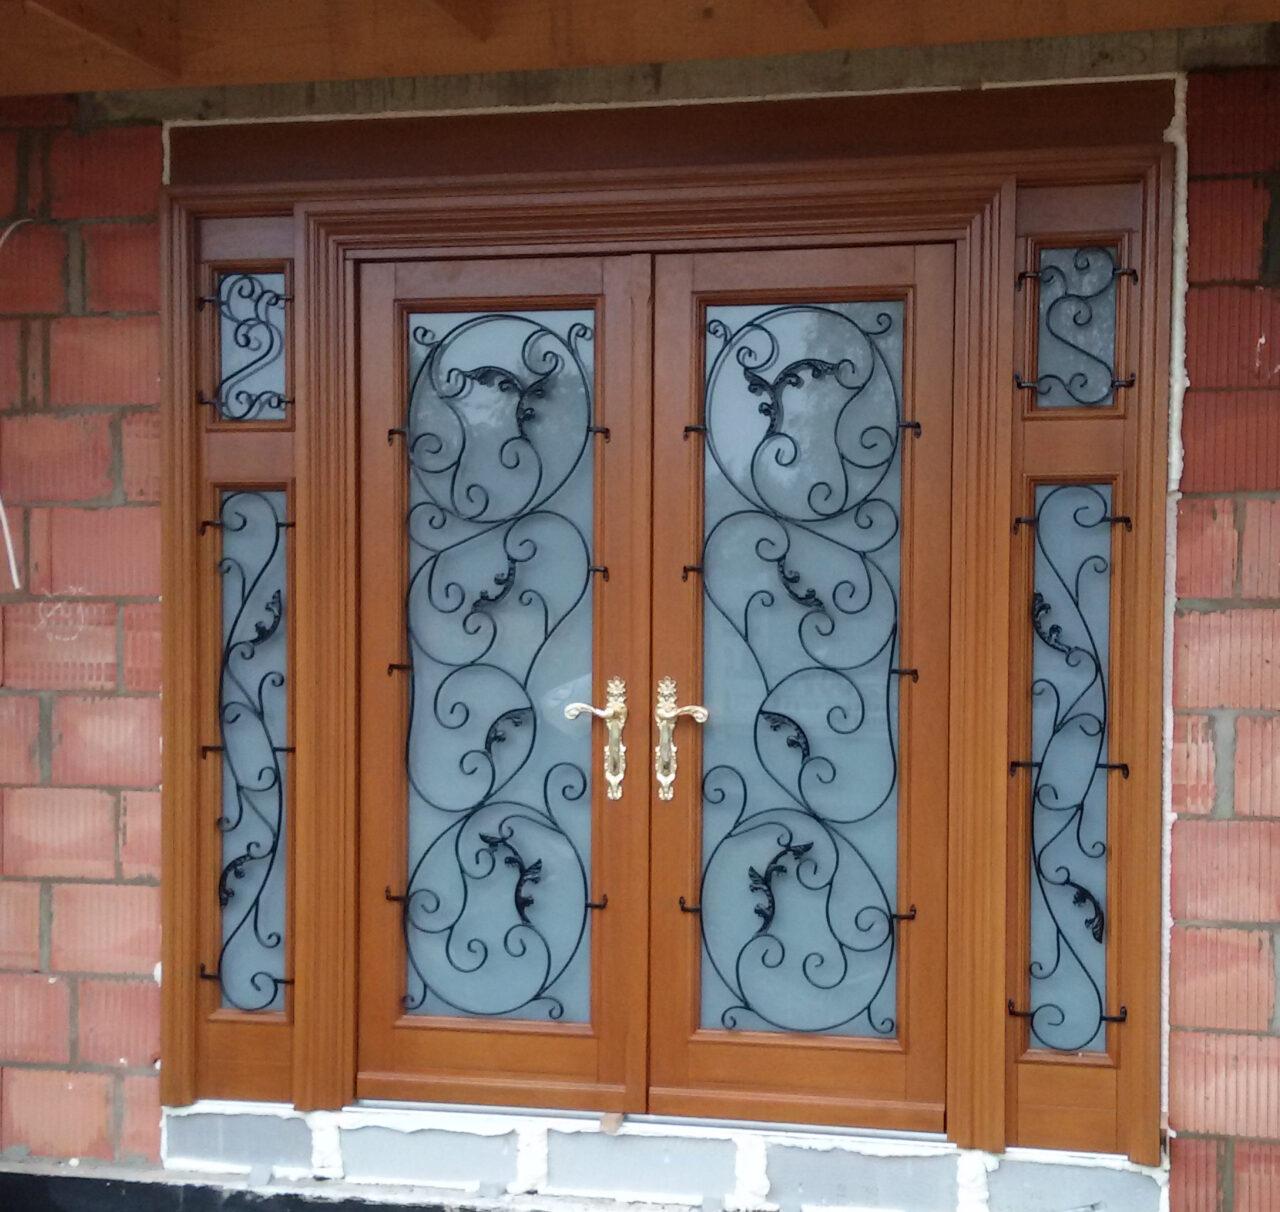 Producent Drzwi Drewnianych Na Wymiar Lizurej Galeria Zewnętrzne 82